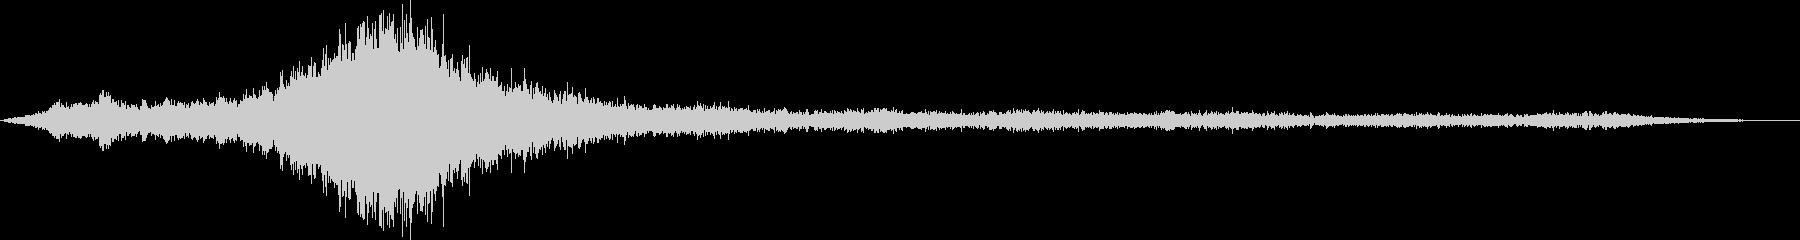 【環境音】飛行機の離陸と波音06の未再生の波形